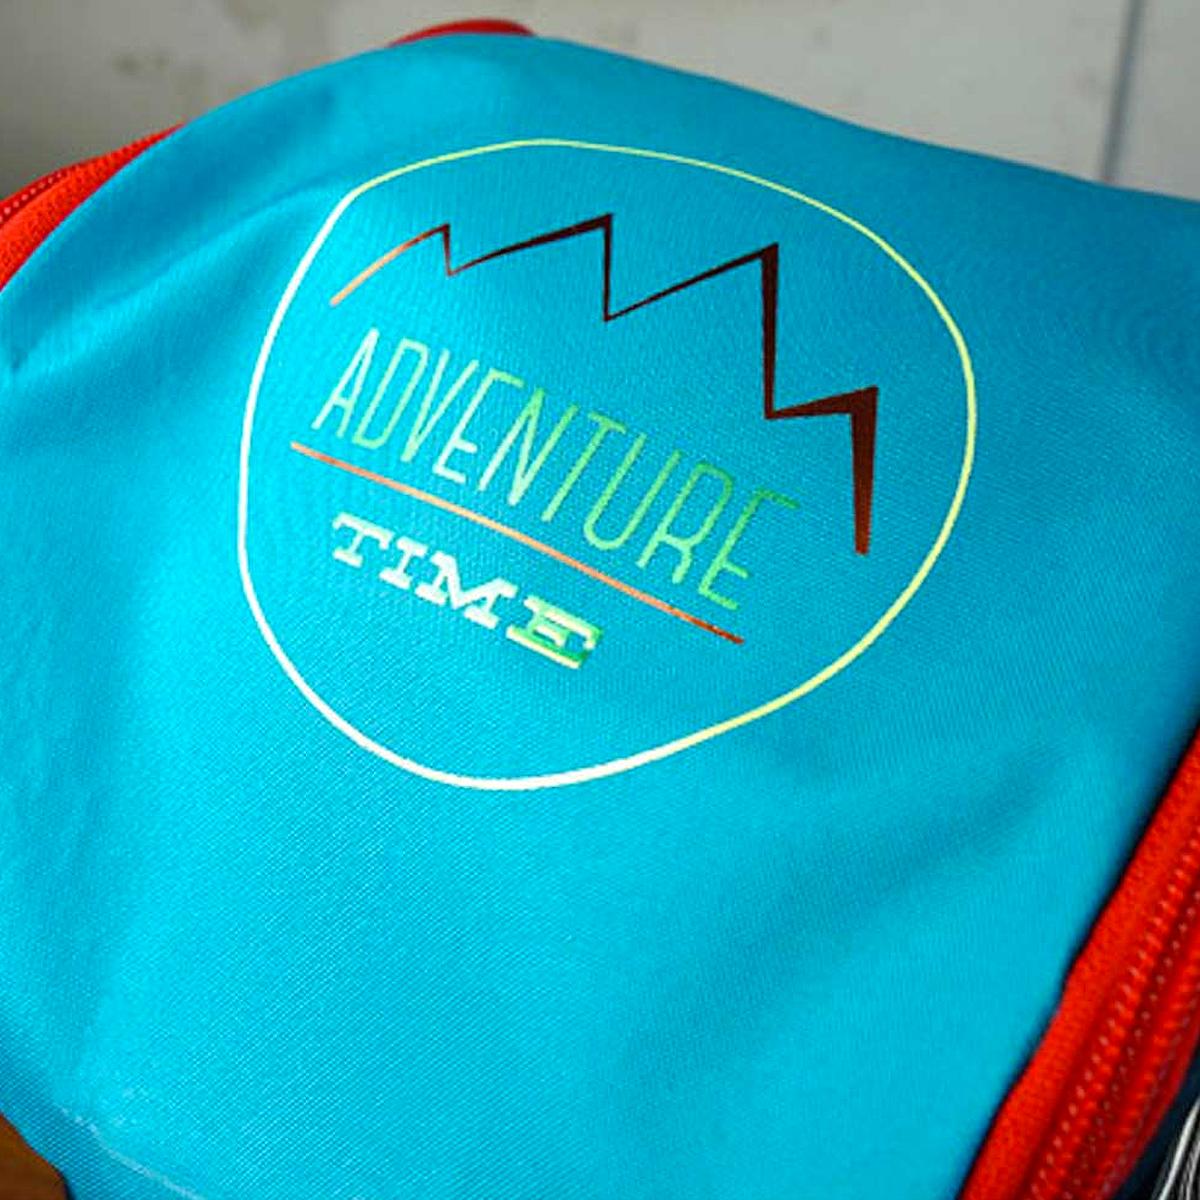 EuroFLEX Electric - Vinilo textil PU | ArtecolorVisual